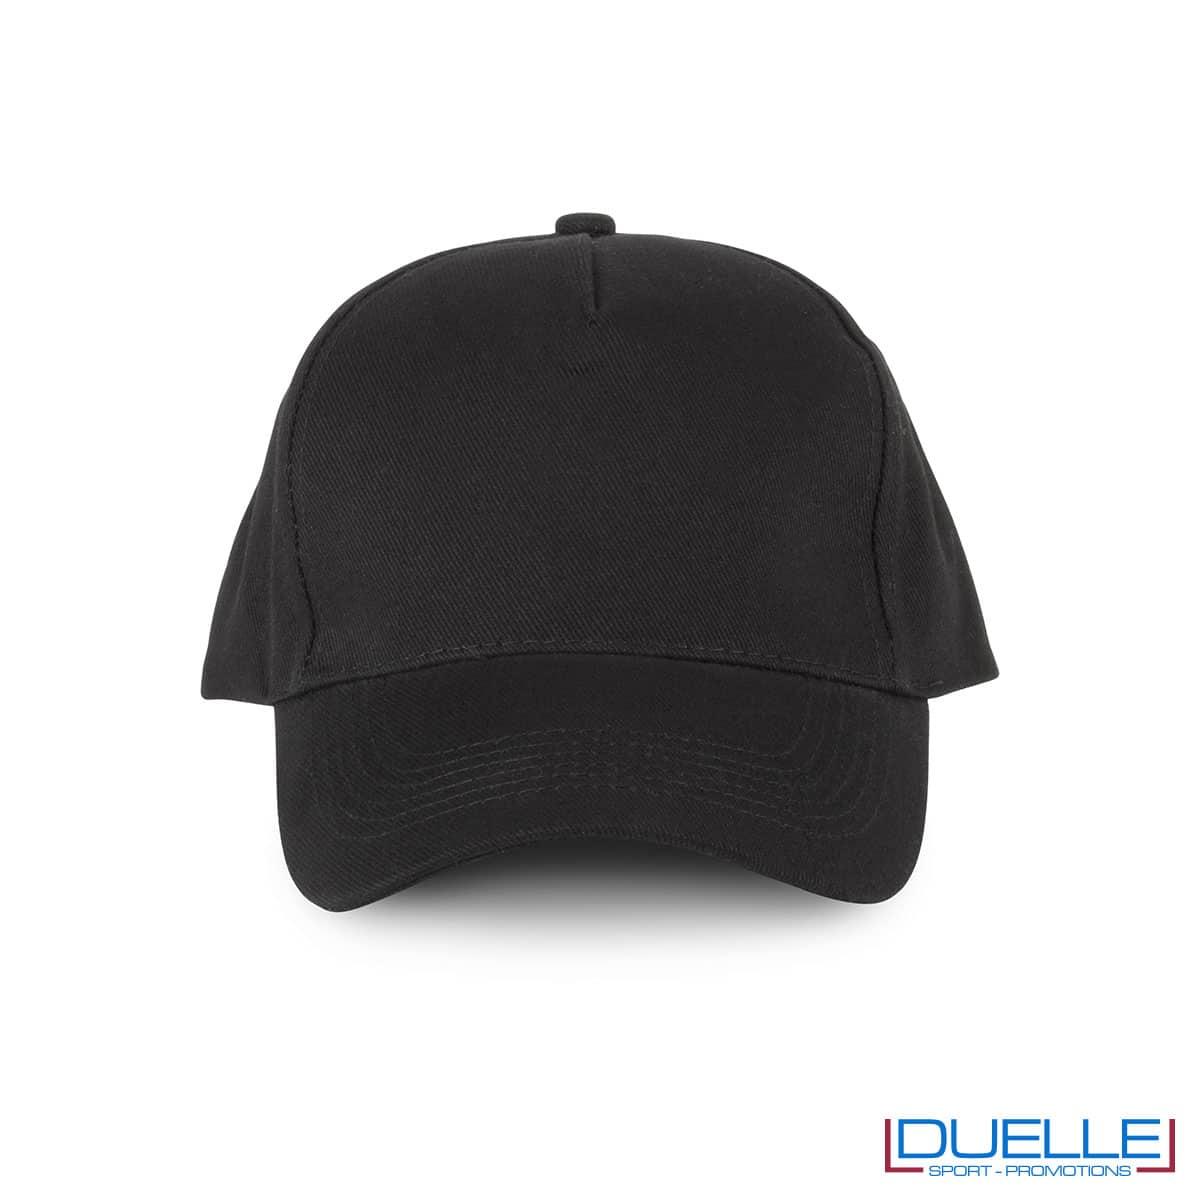 Cappellino 5 pannelli cotone bio 100% colore nero personalizzabile con stampa